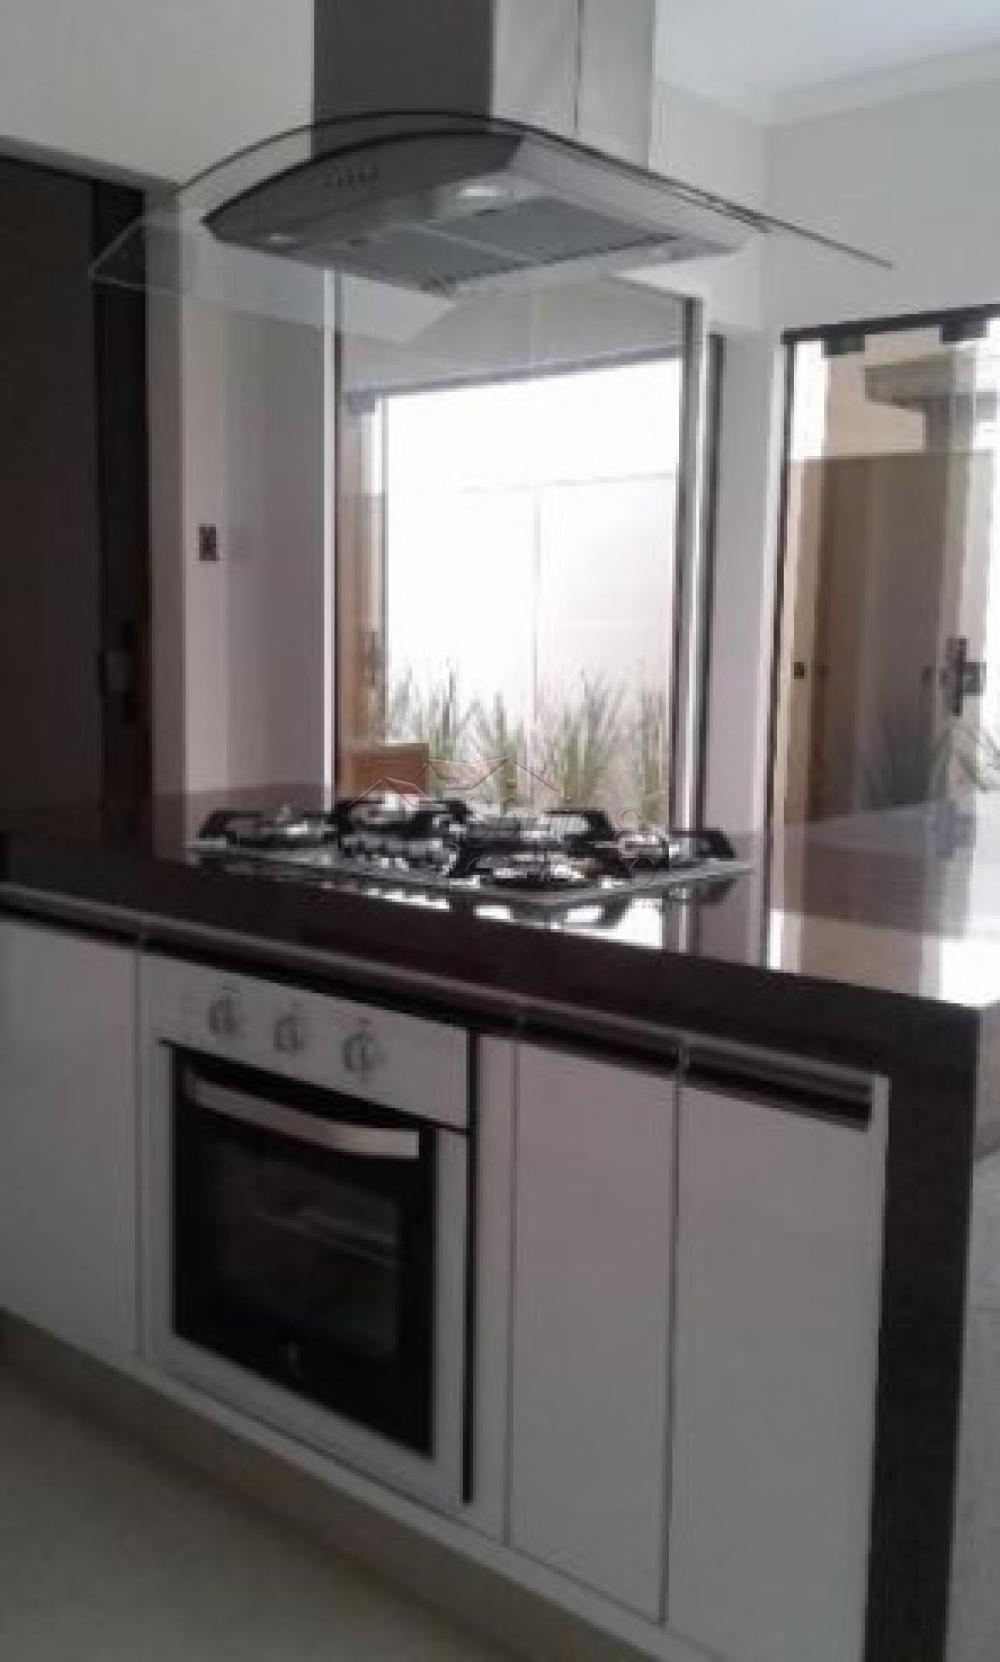 Comprar Casas / Condomínio em Ribeirão Preto apenas R$ 1.150.000,00 - Foto 8